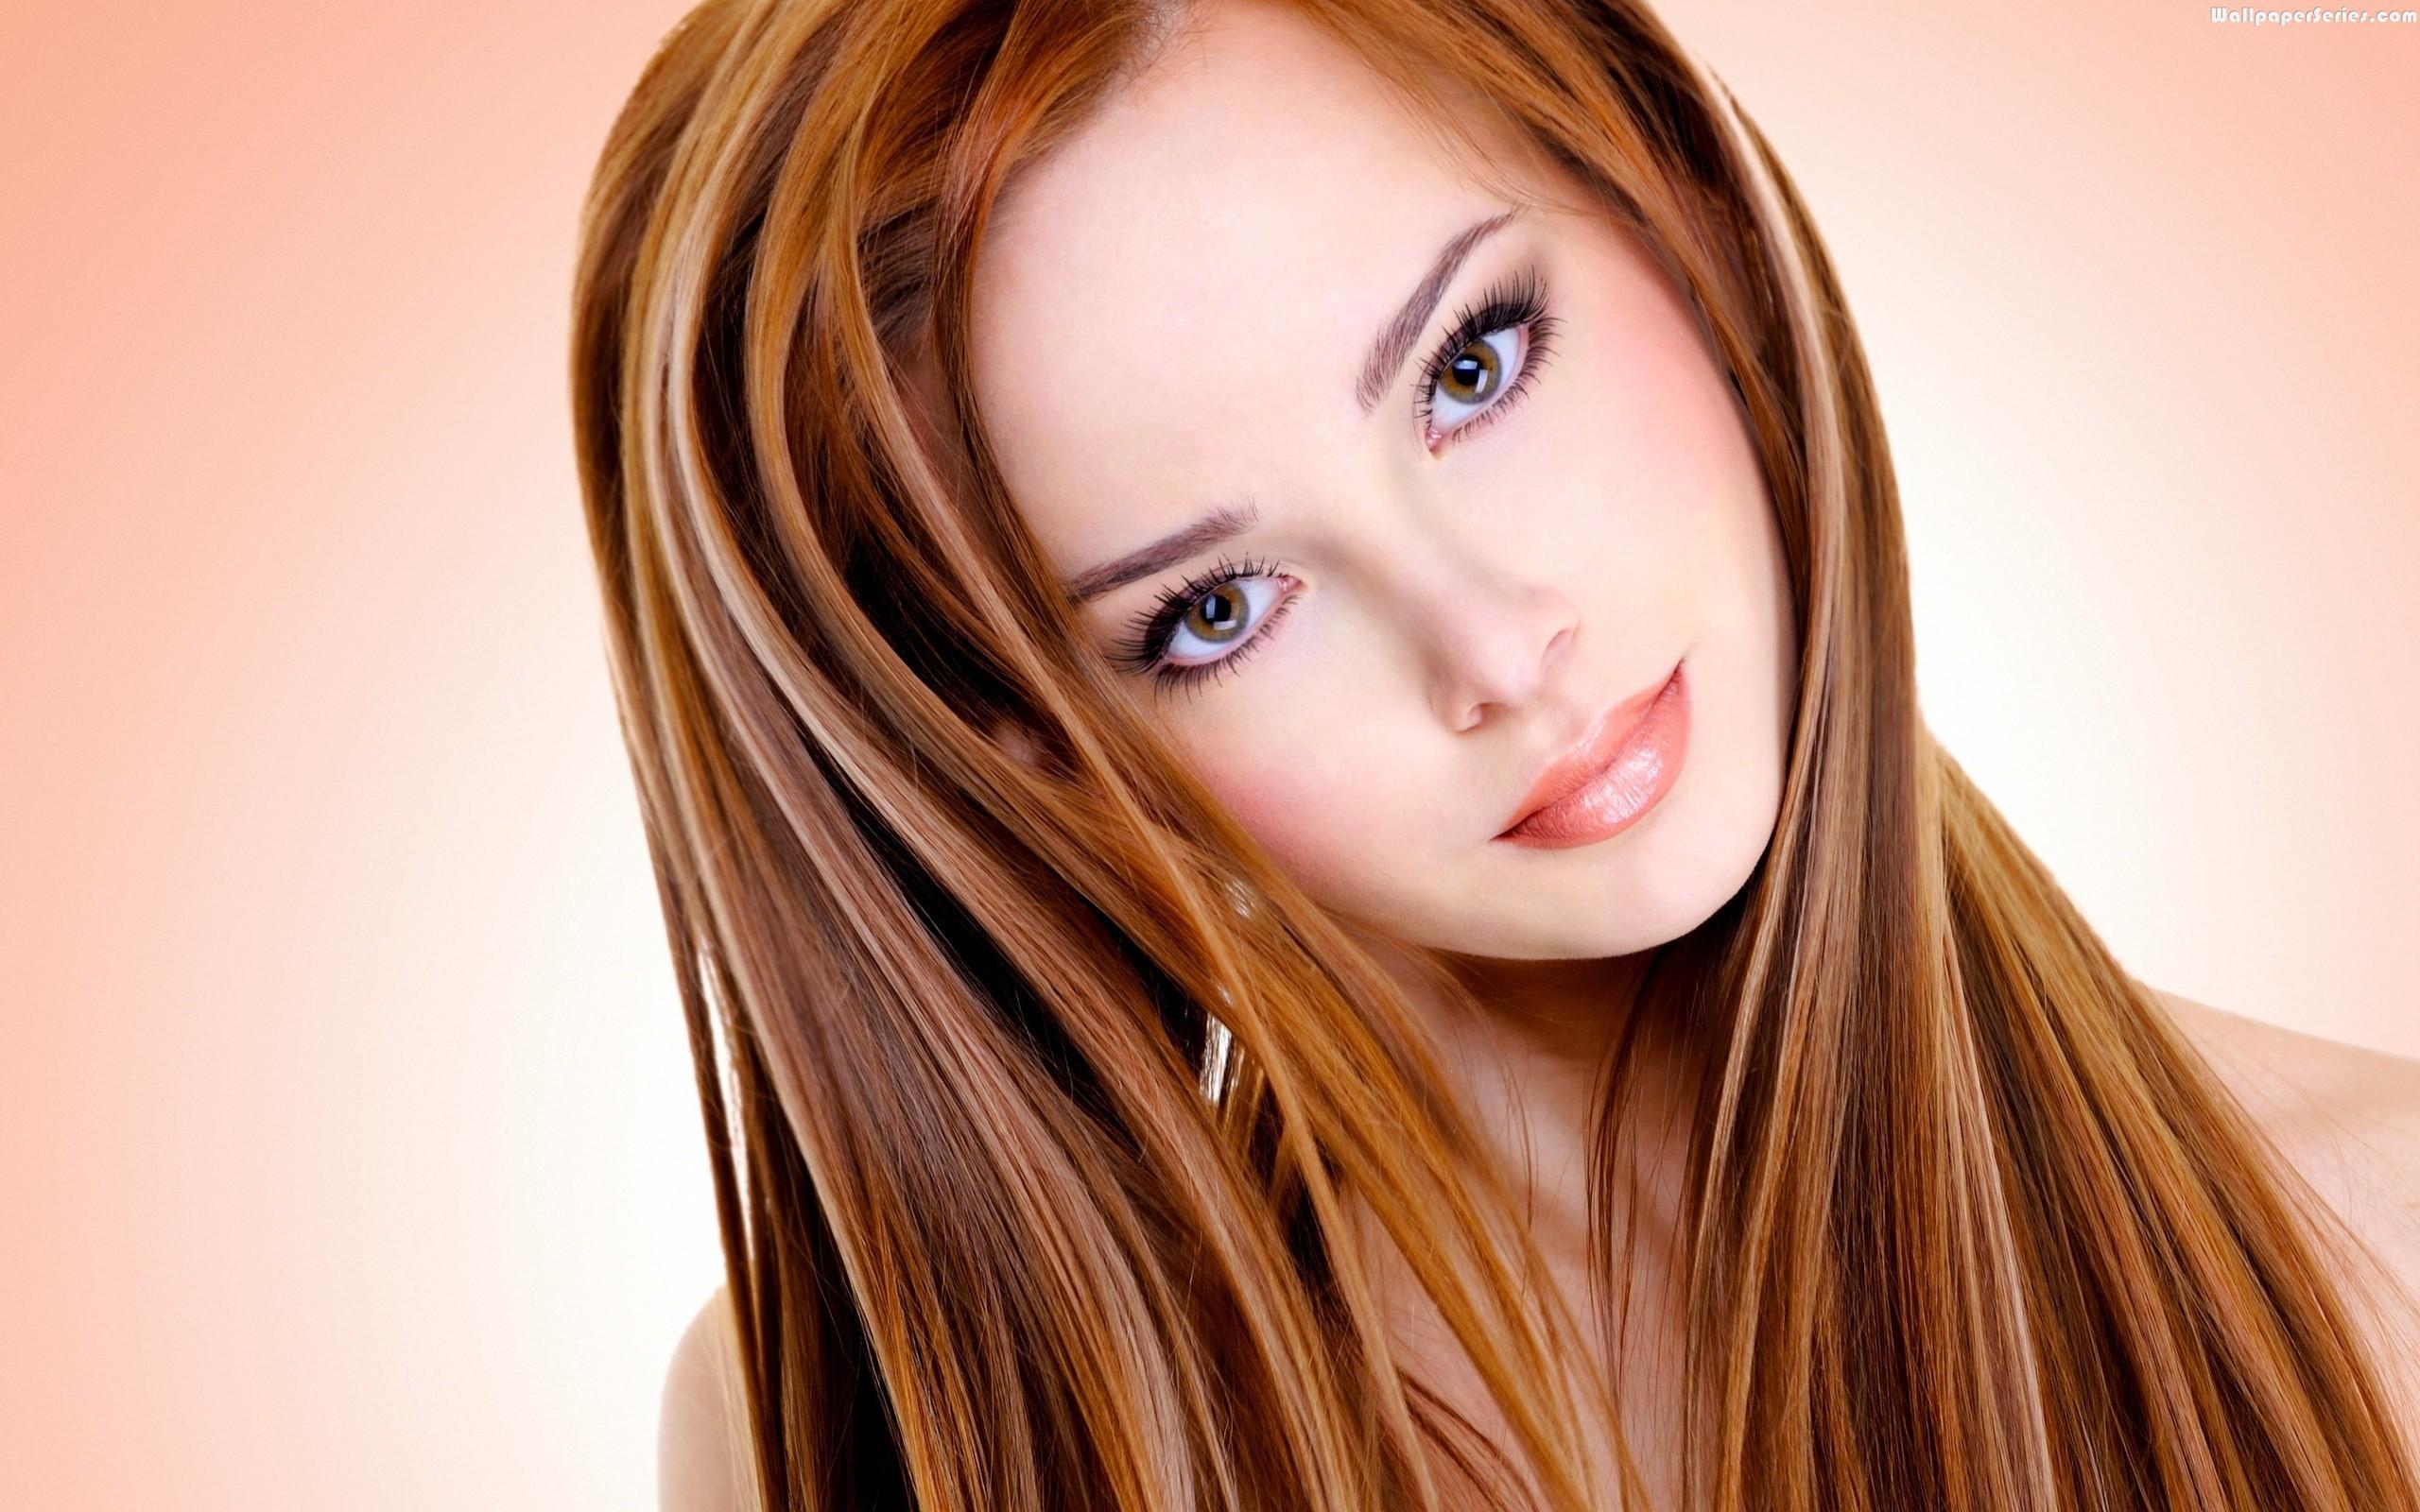 Як перемалювати волосся з русого в блондинку 2 фотография